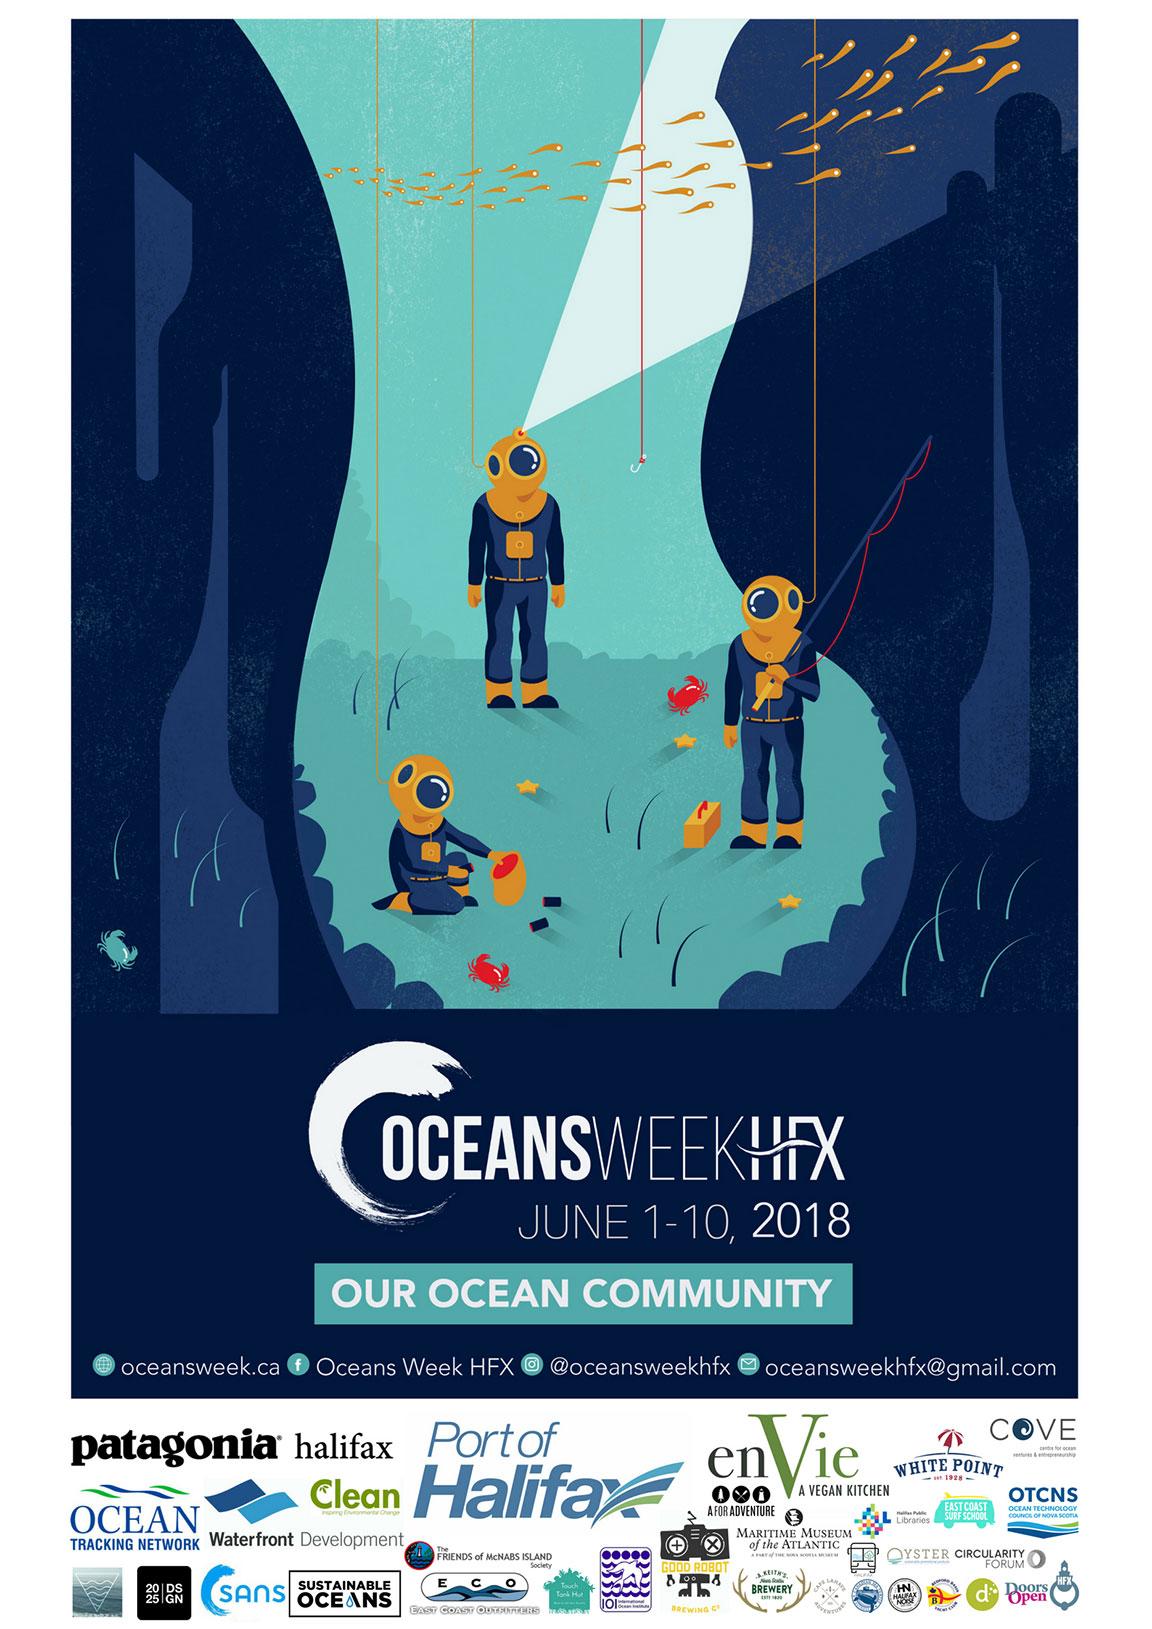 Poster by Hannah Emmett:  http://www.hannah-emmett.com/